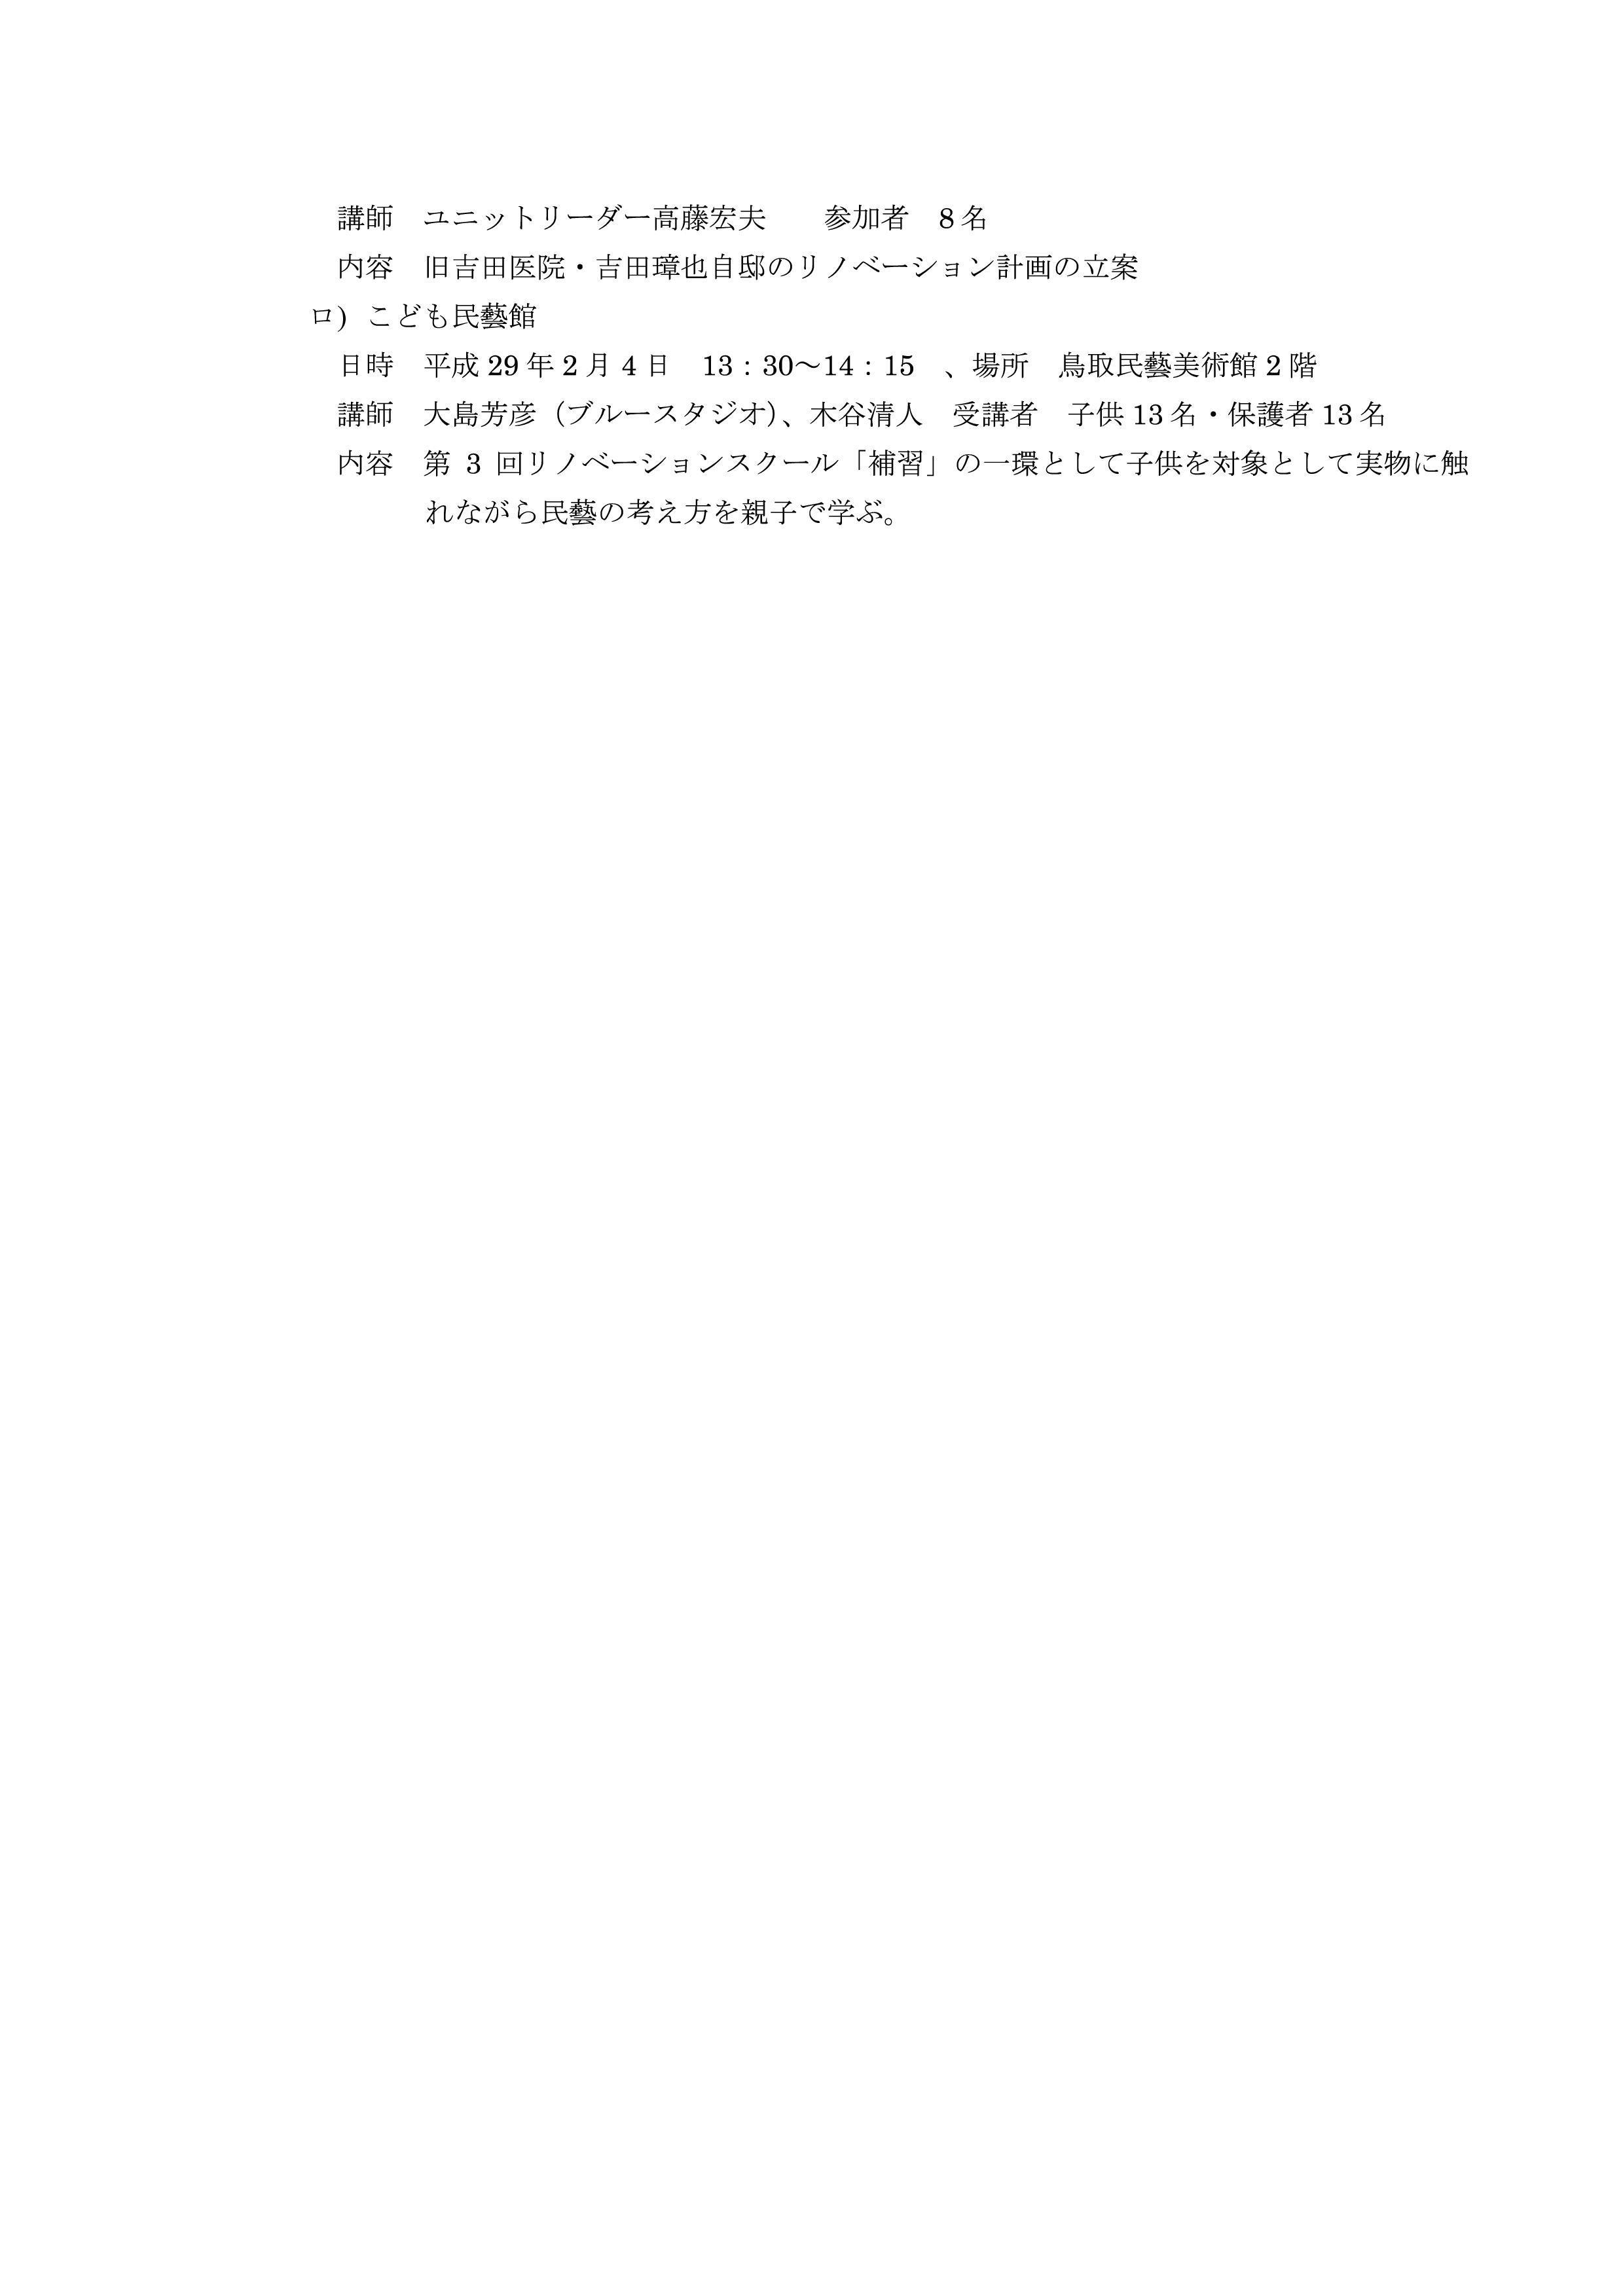 平成28年度 事業報告 決算書 役員一覧_f0197821_17311229.jpg